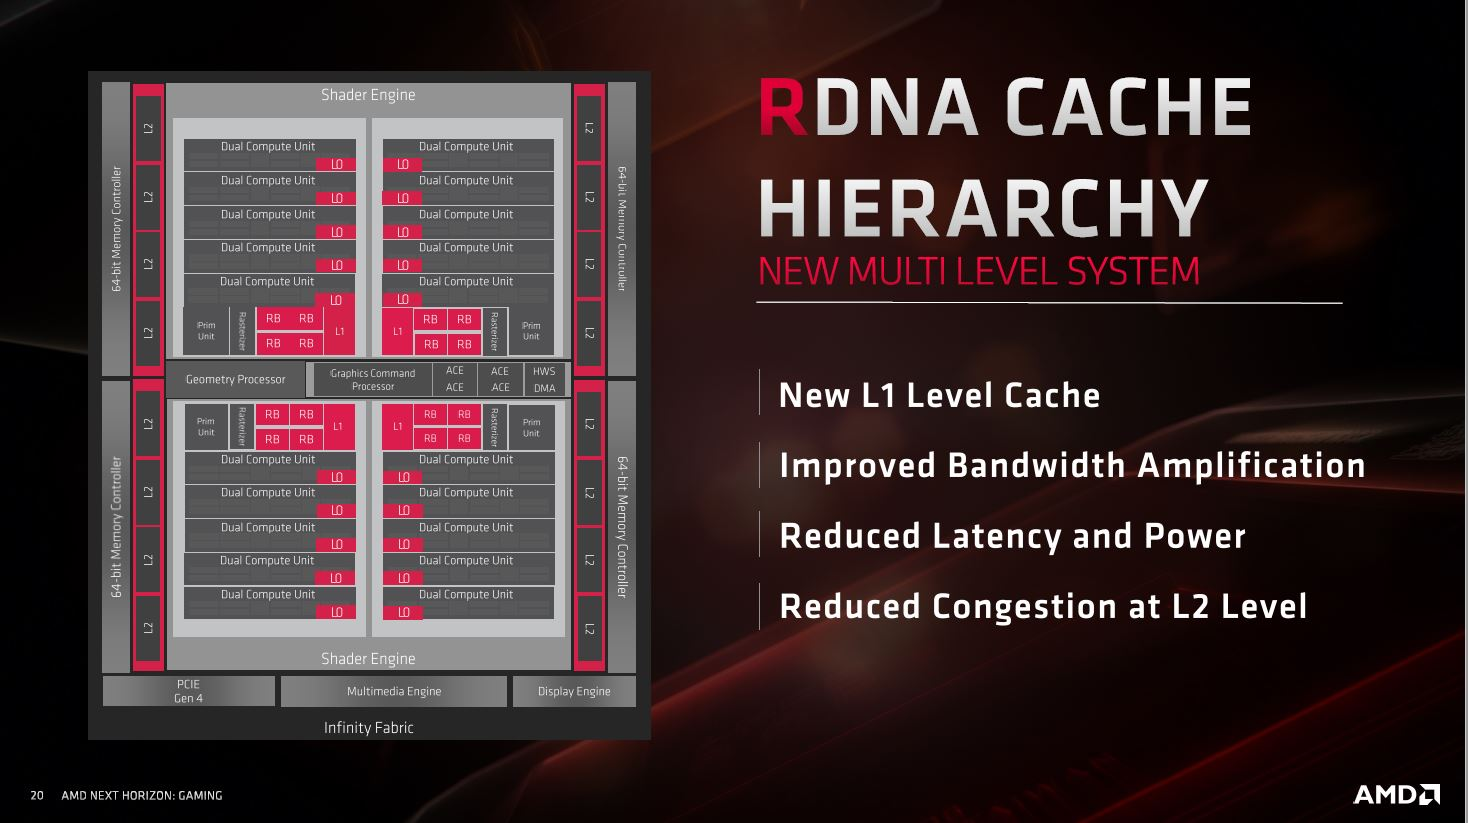 AMD Radeon RX 5700 y Radeon RX 5700 XT, un paso en la dirección correcta 40